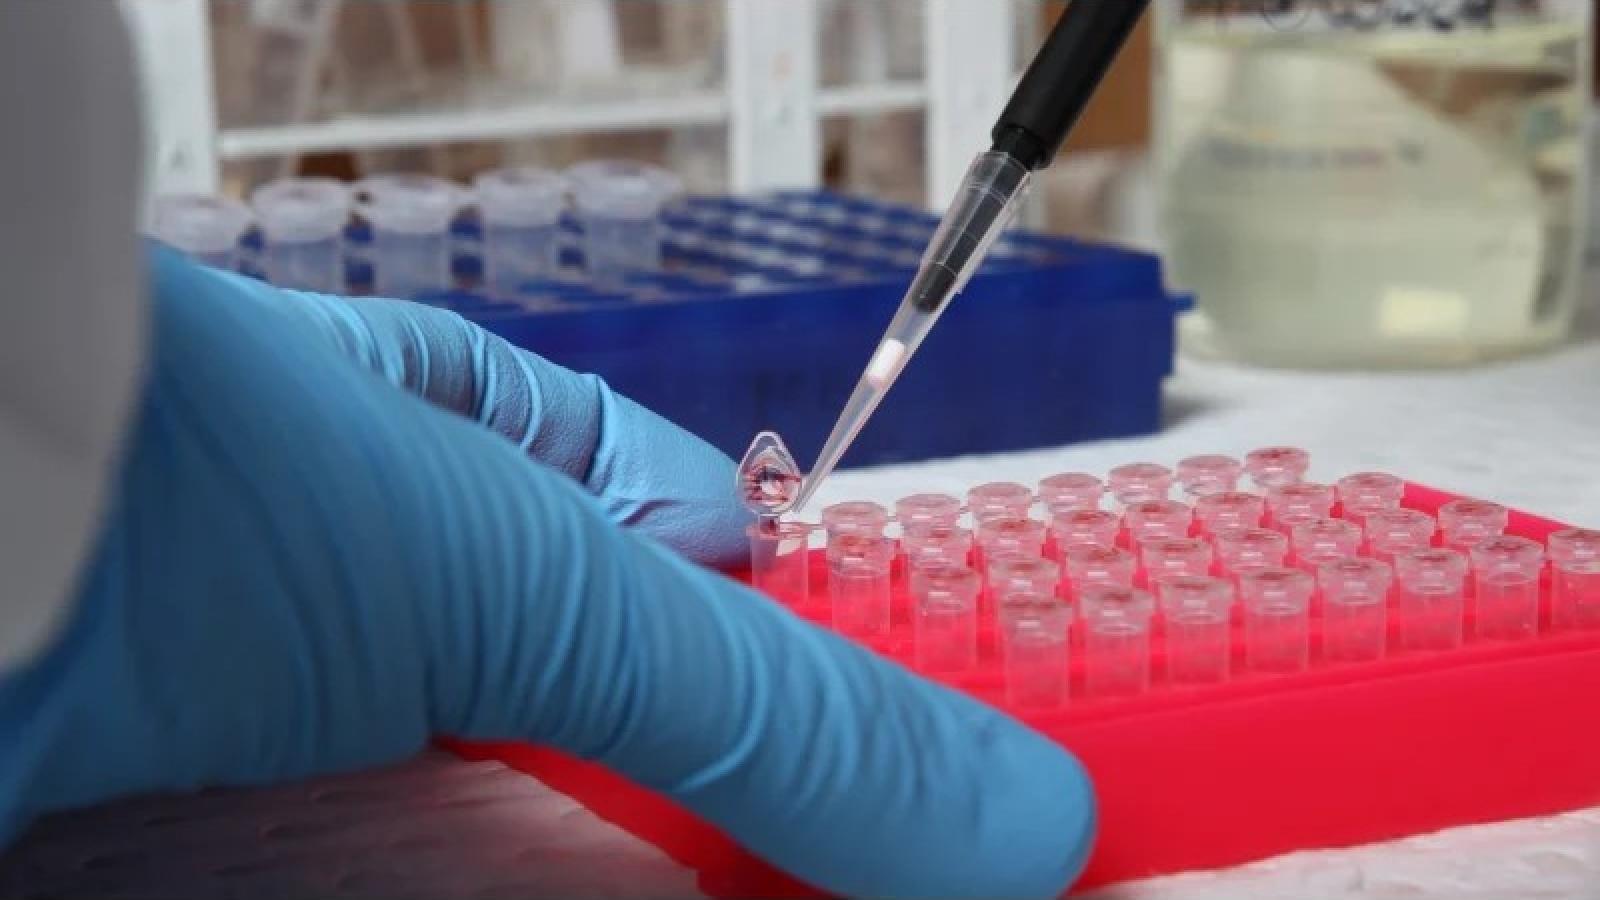 Tập đoàn dược phẩm Mỹ thử nghiệm vaccine ngừa Covid-19 sang 8 quốc gia